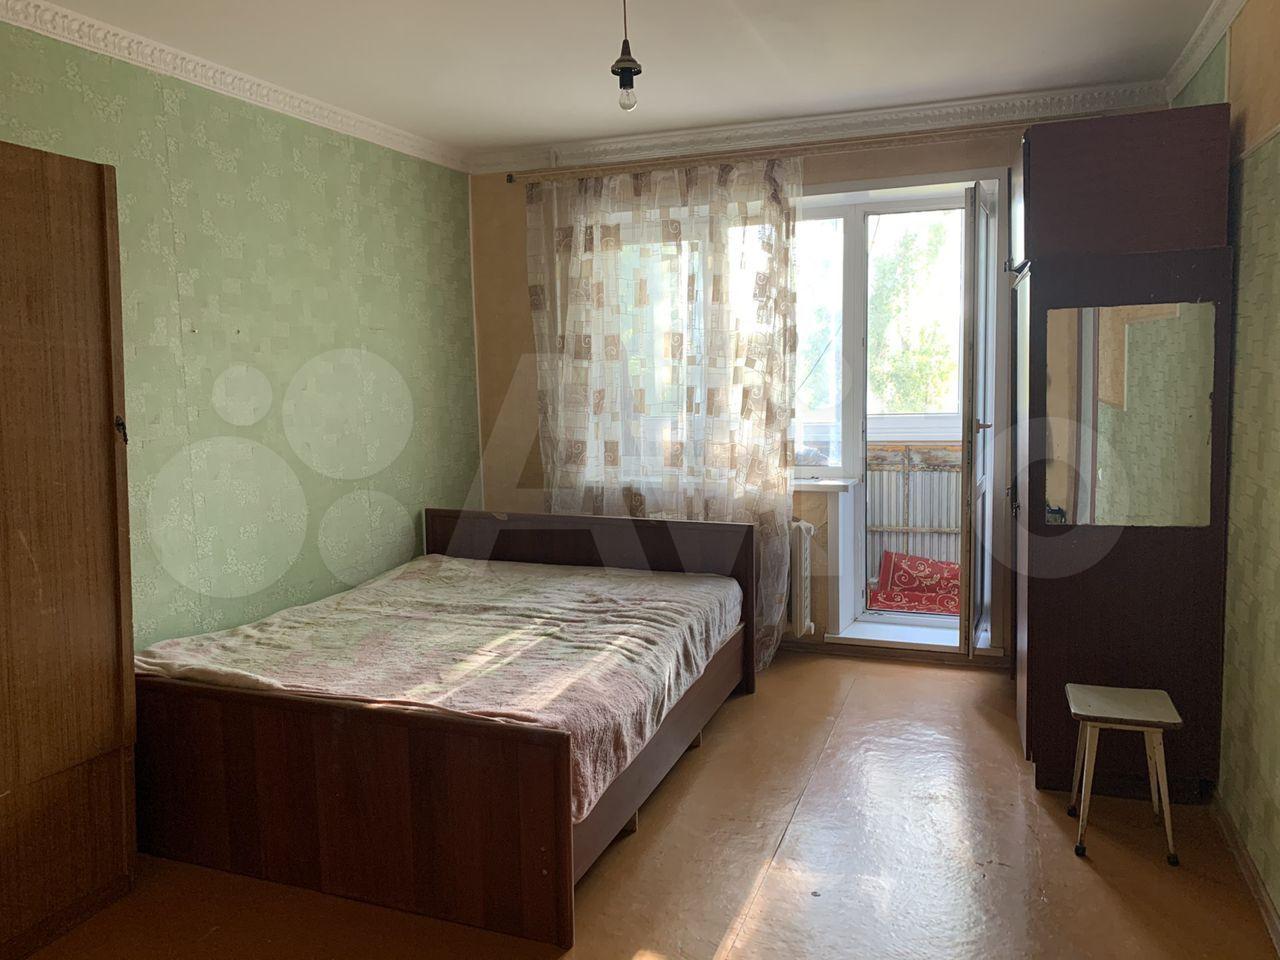 1-к квартира, 37 м², 7/9 эт.  89658824182 купить 3